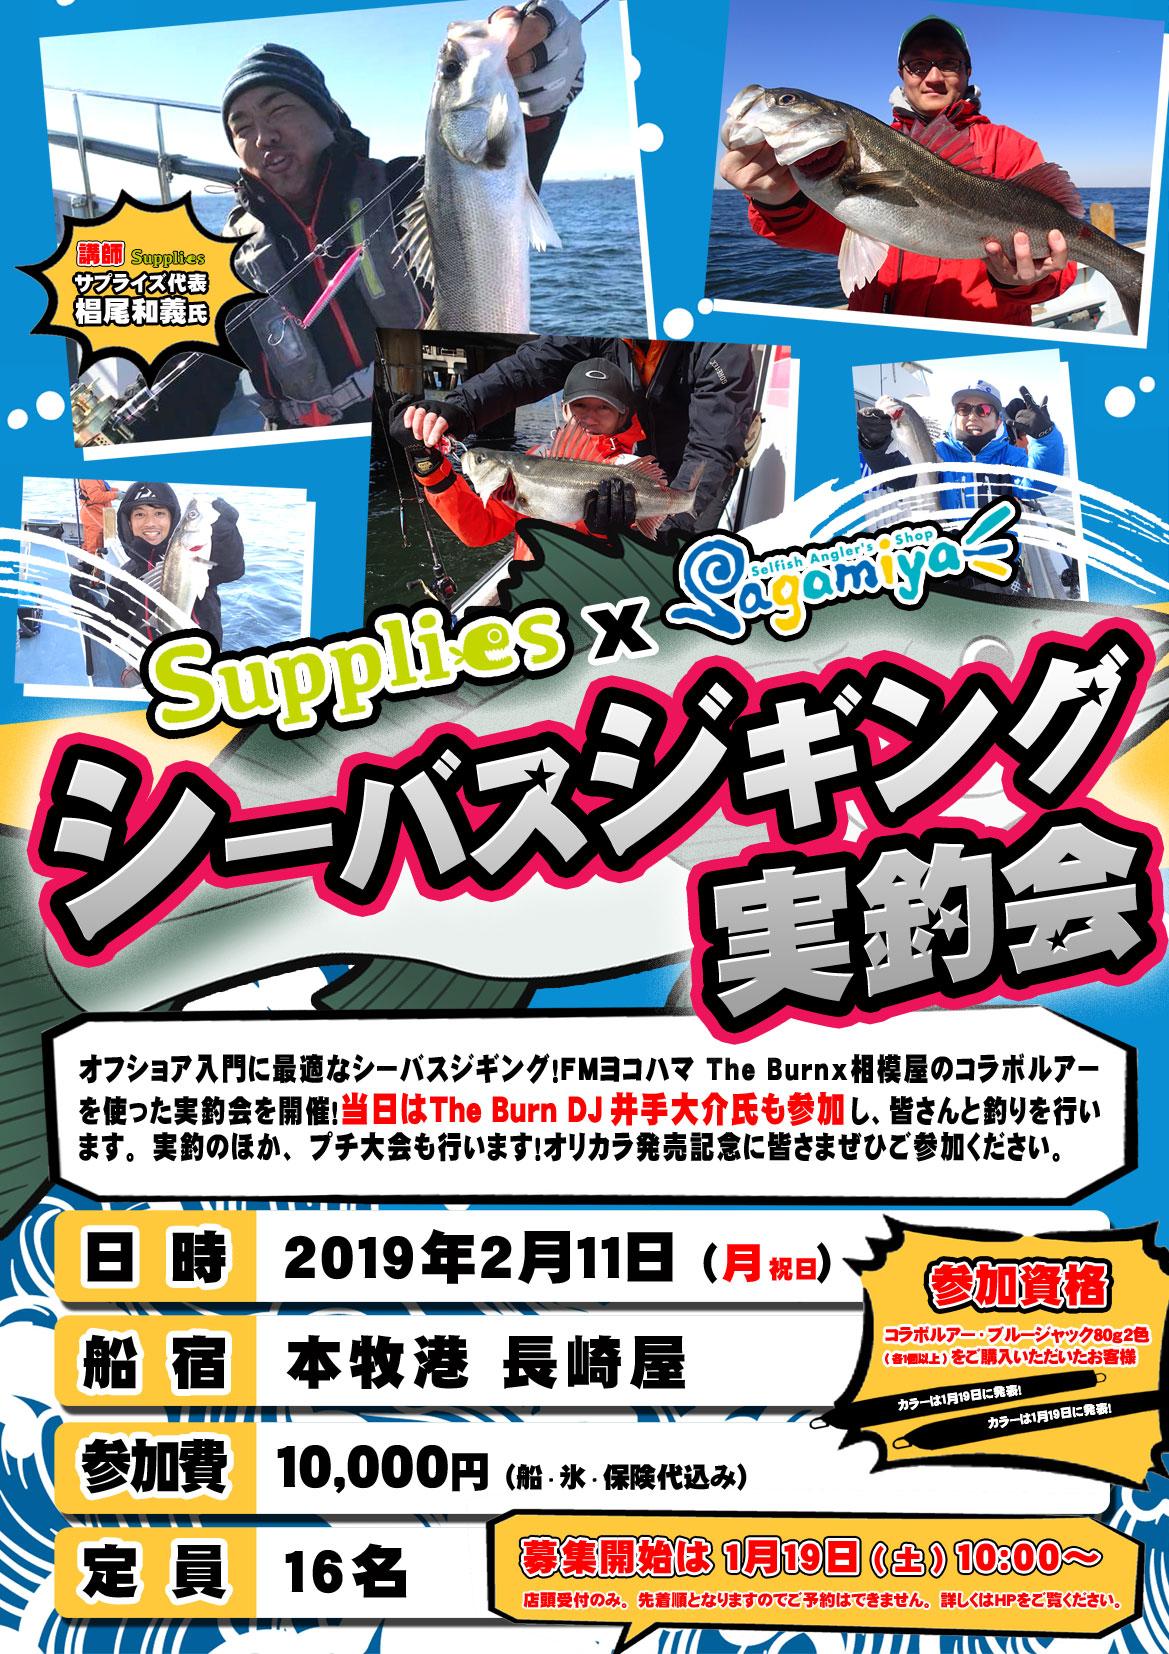 2019年2月11日(月・祝)Supplies x 相模屋 シーバスジギング実釣会